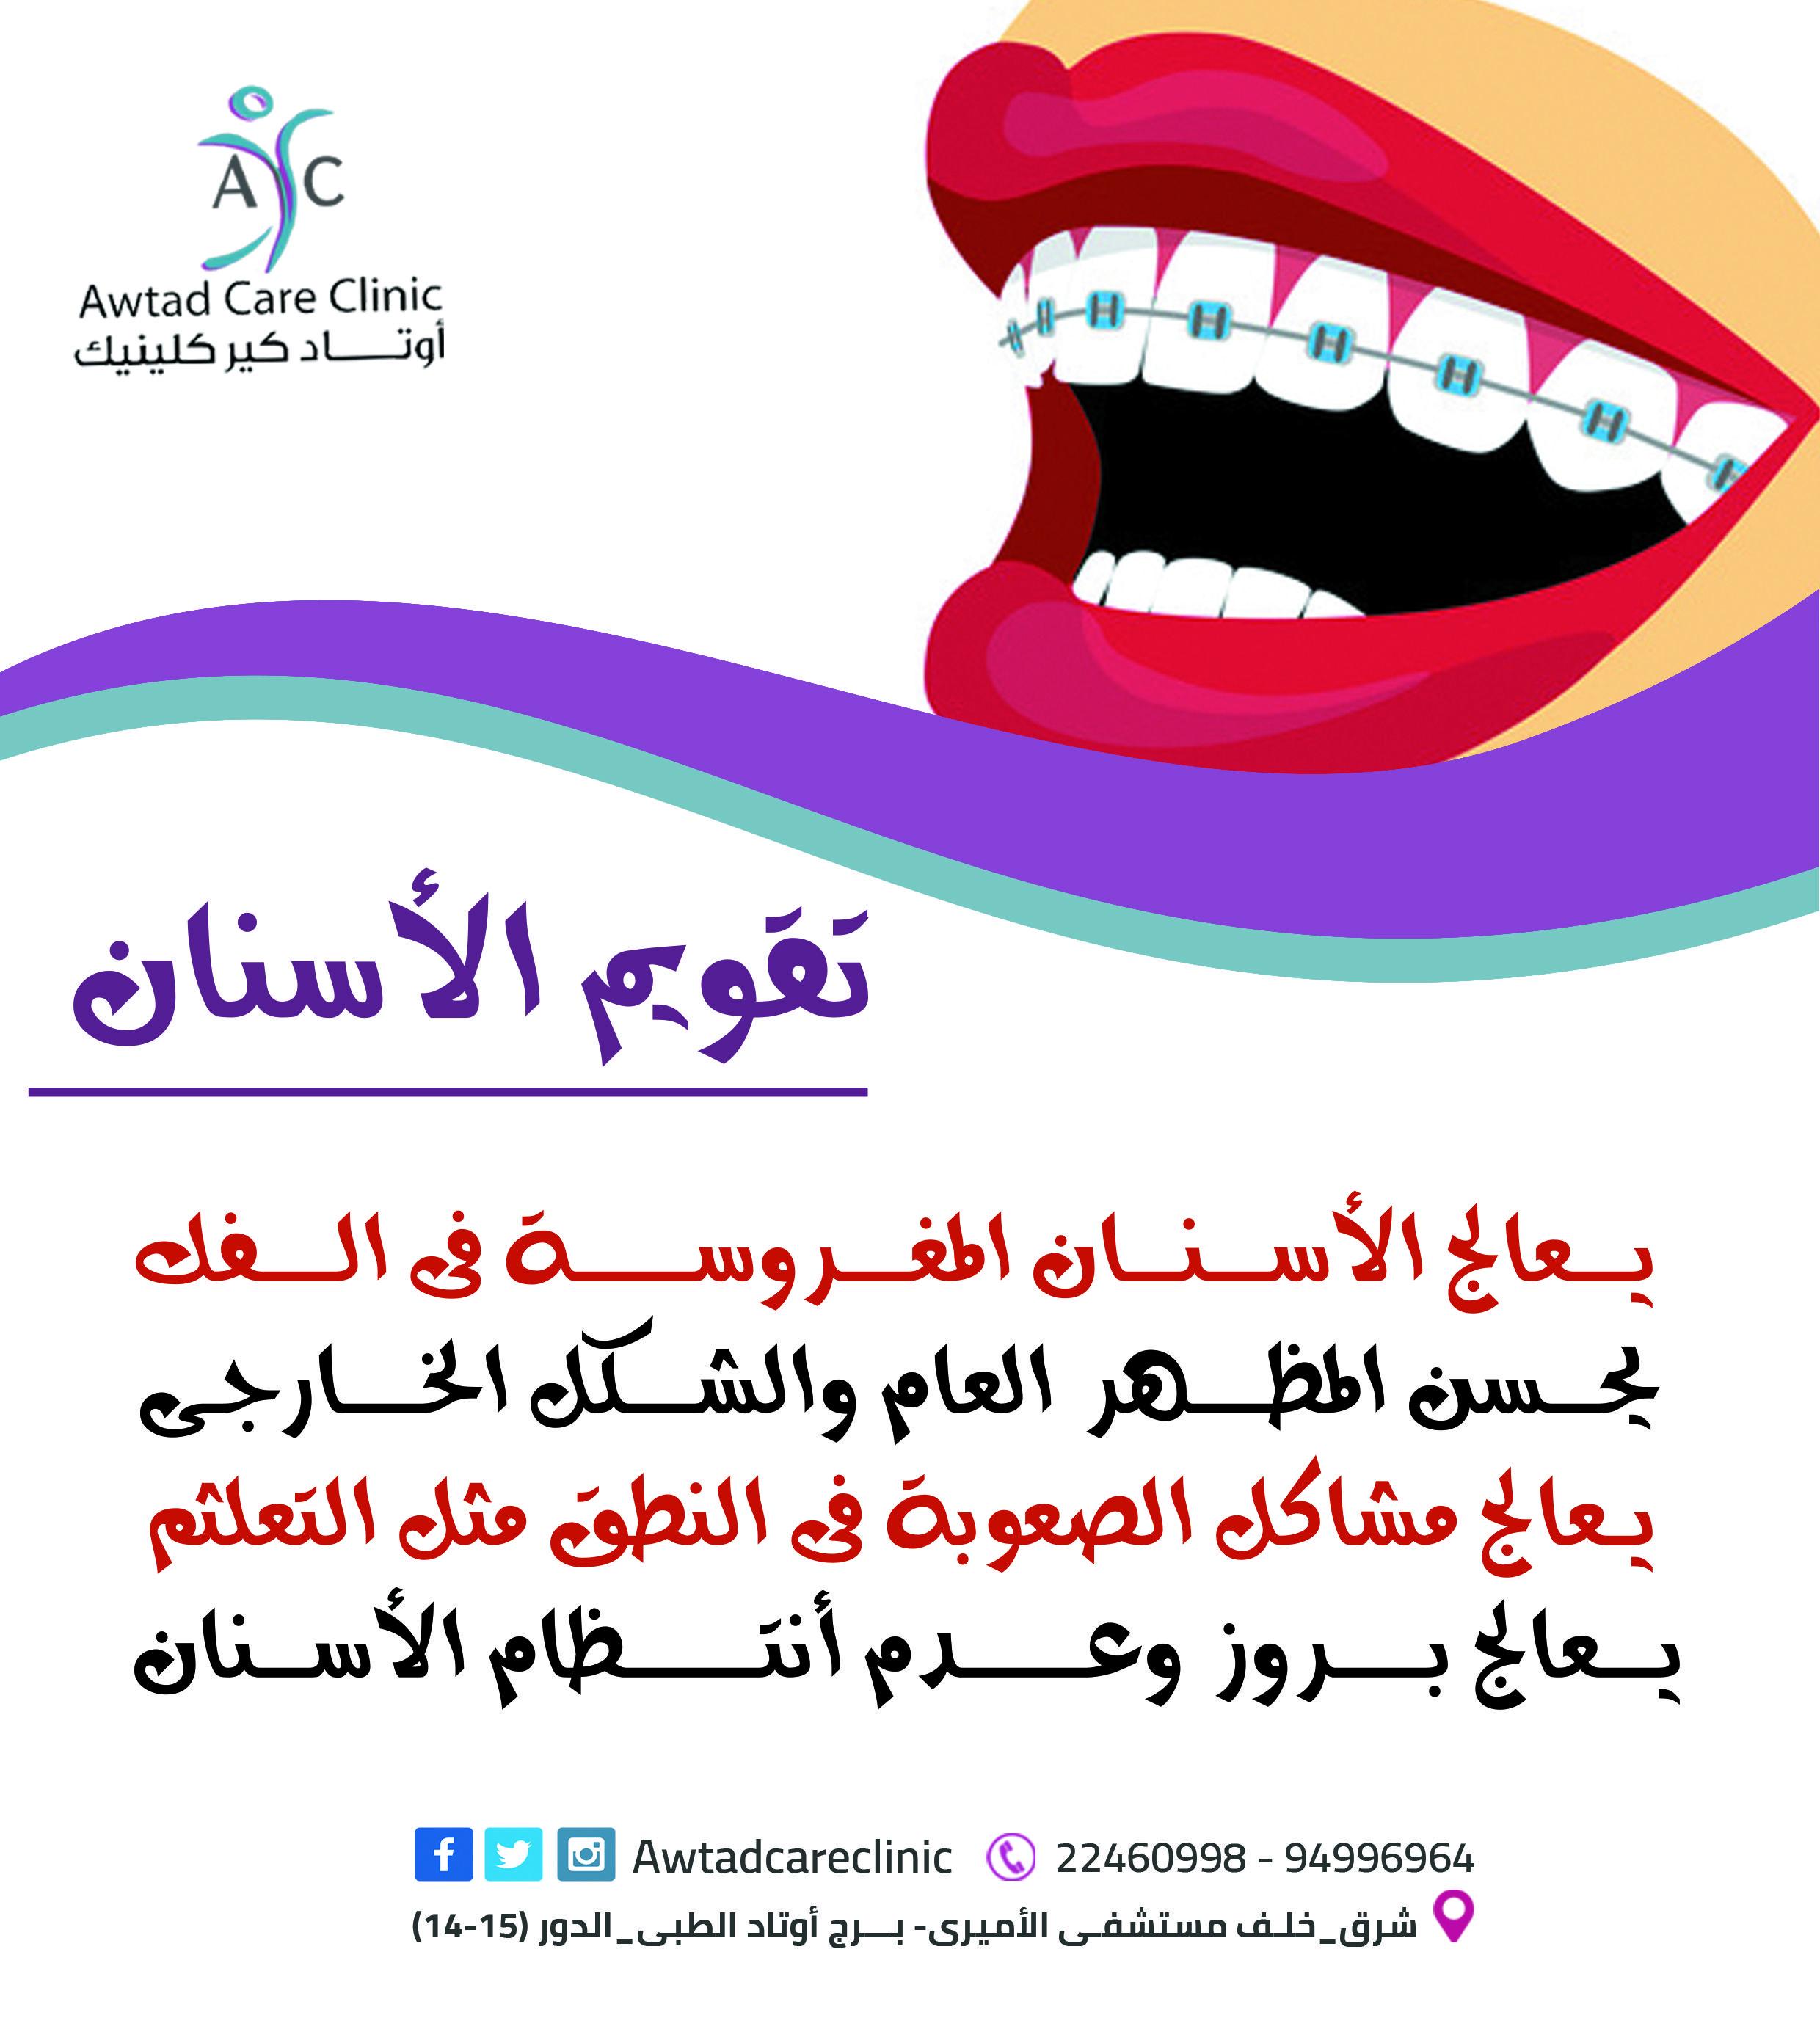 صور عن الاسنان